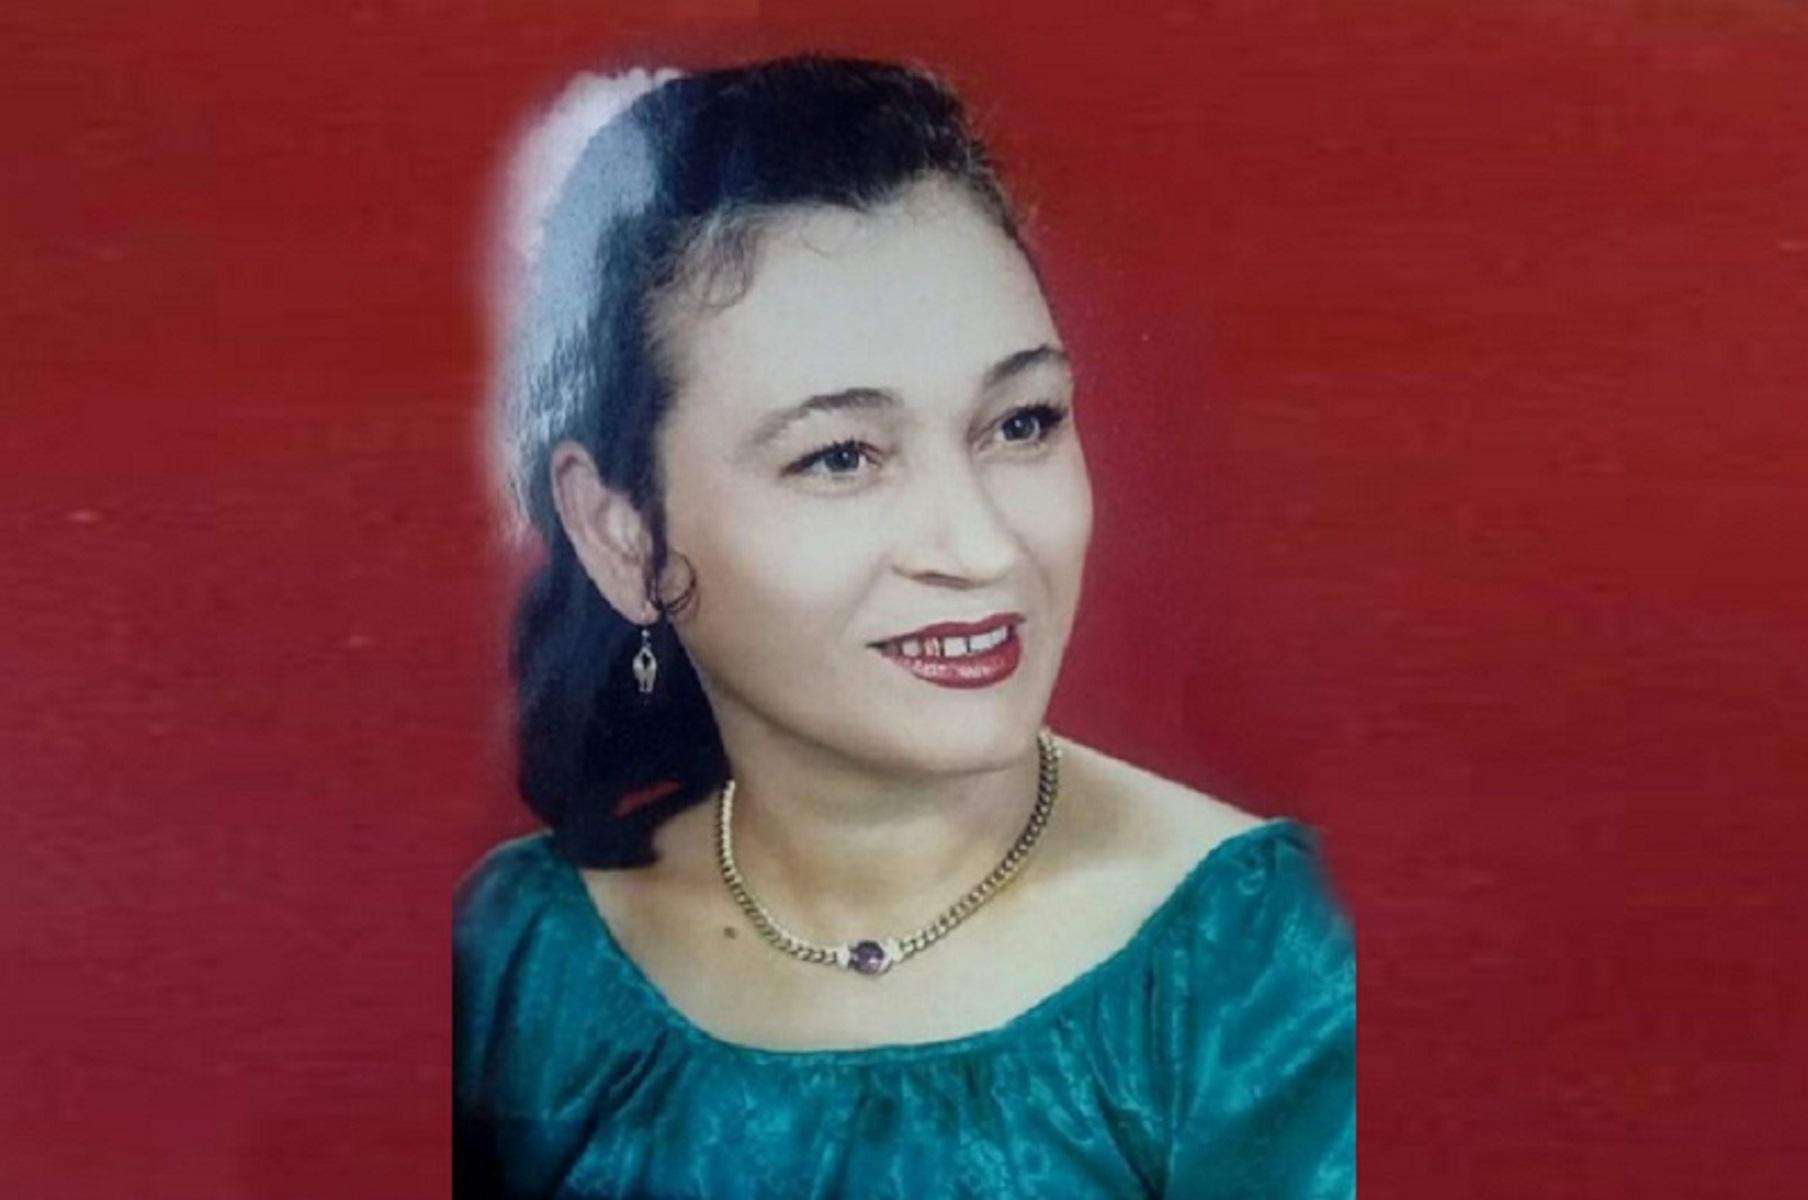 """Πέθανε η τραγουδίστρια Μαρίτσα Βαρβάτου - Πριν από λίγους μήνες """"έχασε"""" τον σύζυγο της"""